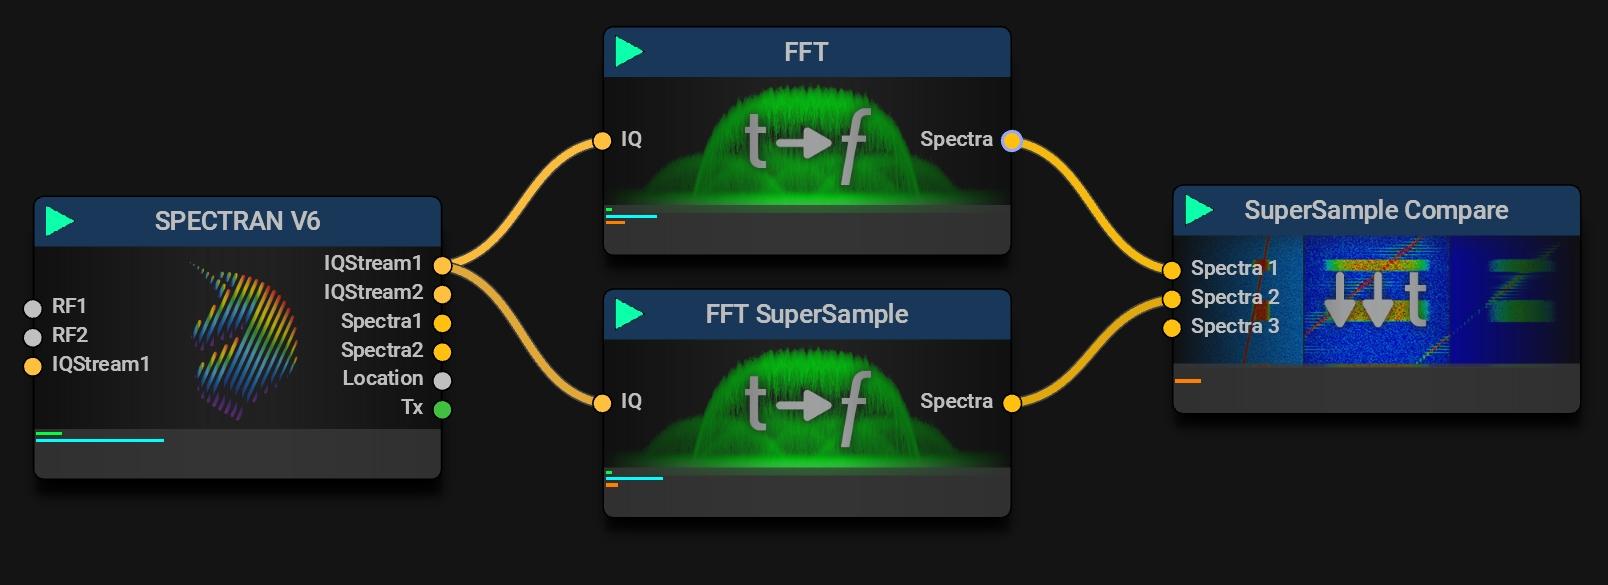 FFT Super Sample Mode